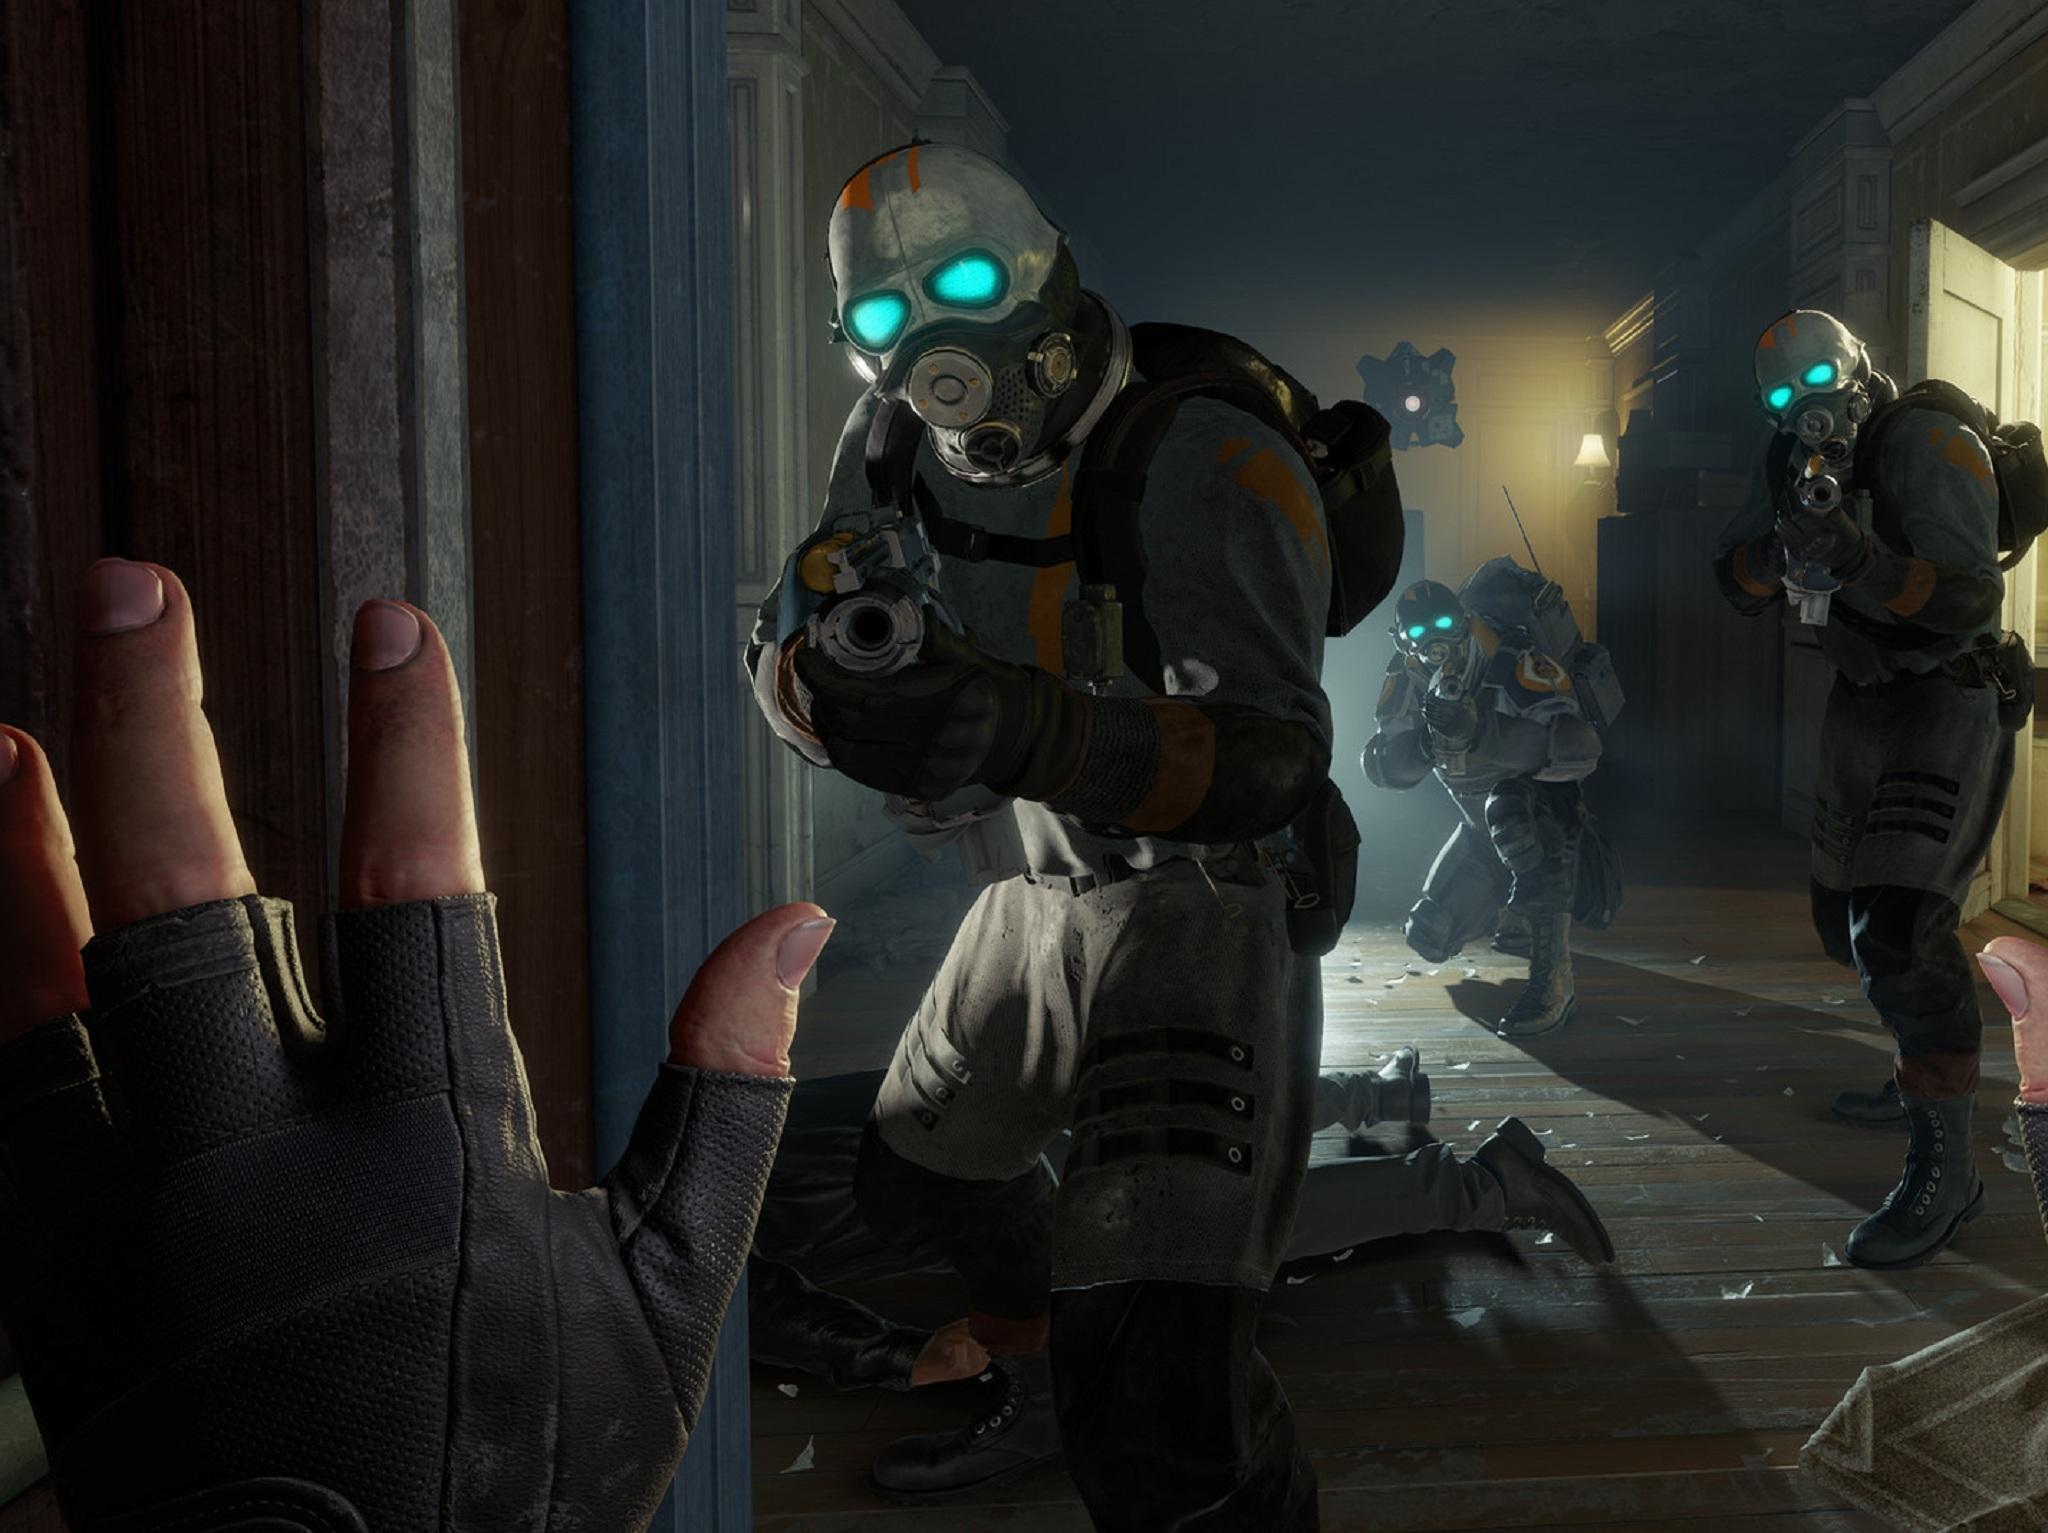 Entretenimento, Jogos, Jogos de Computador, Half-Life: Alyx